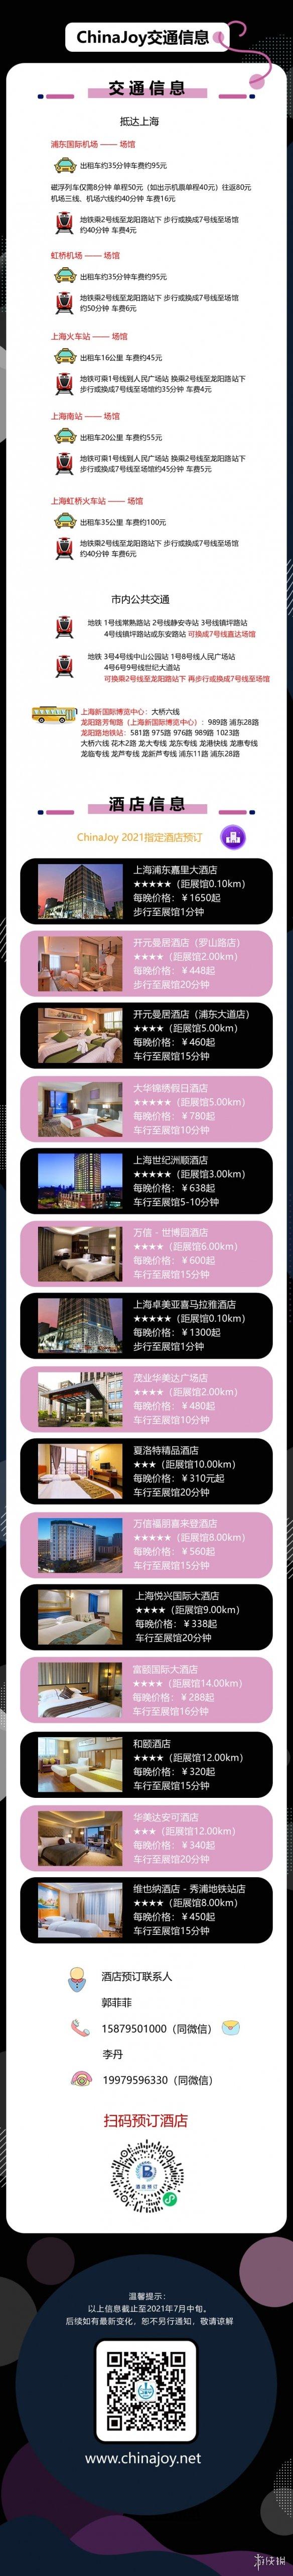 2021年第十九届ChinaJoy展前预览(综合信息篇)正式发布!